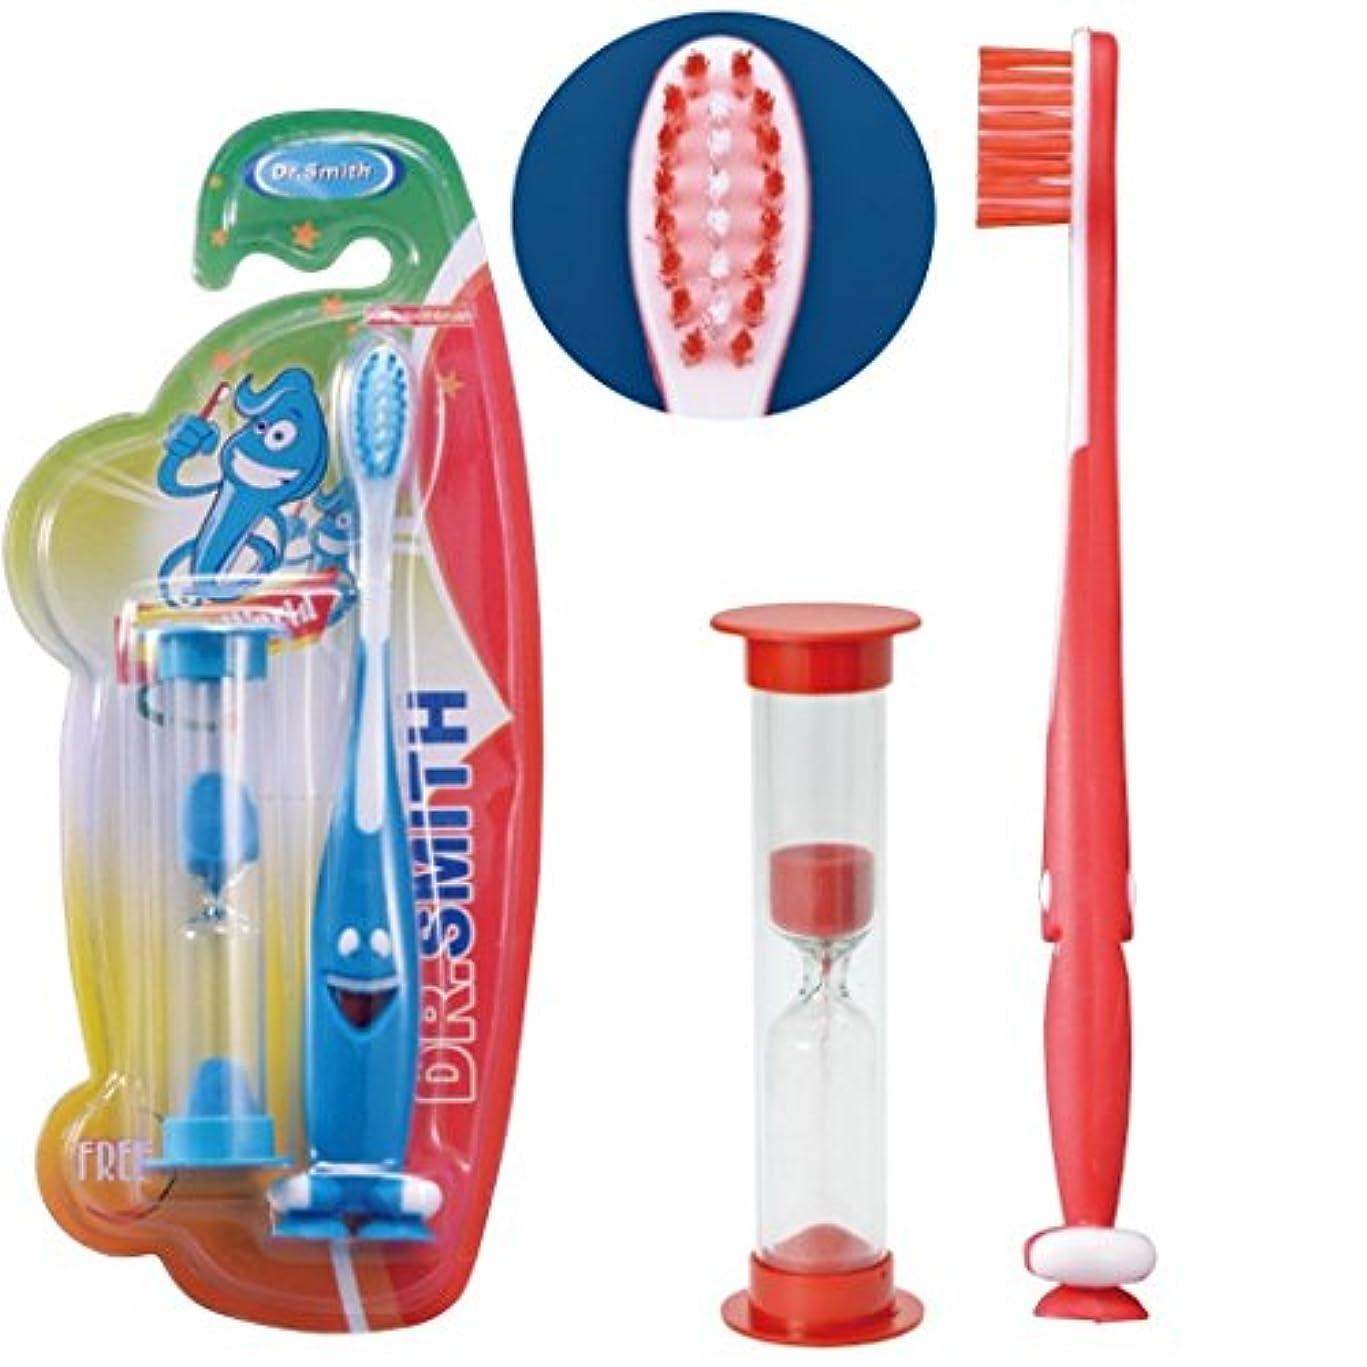 感染する感謝臭いキッズブラシ 3Minutes (吸盤付歯ブラシ+約2分砂時計) (レッド)